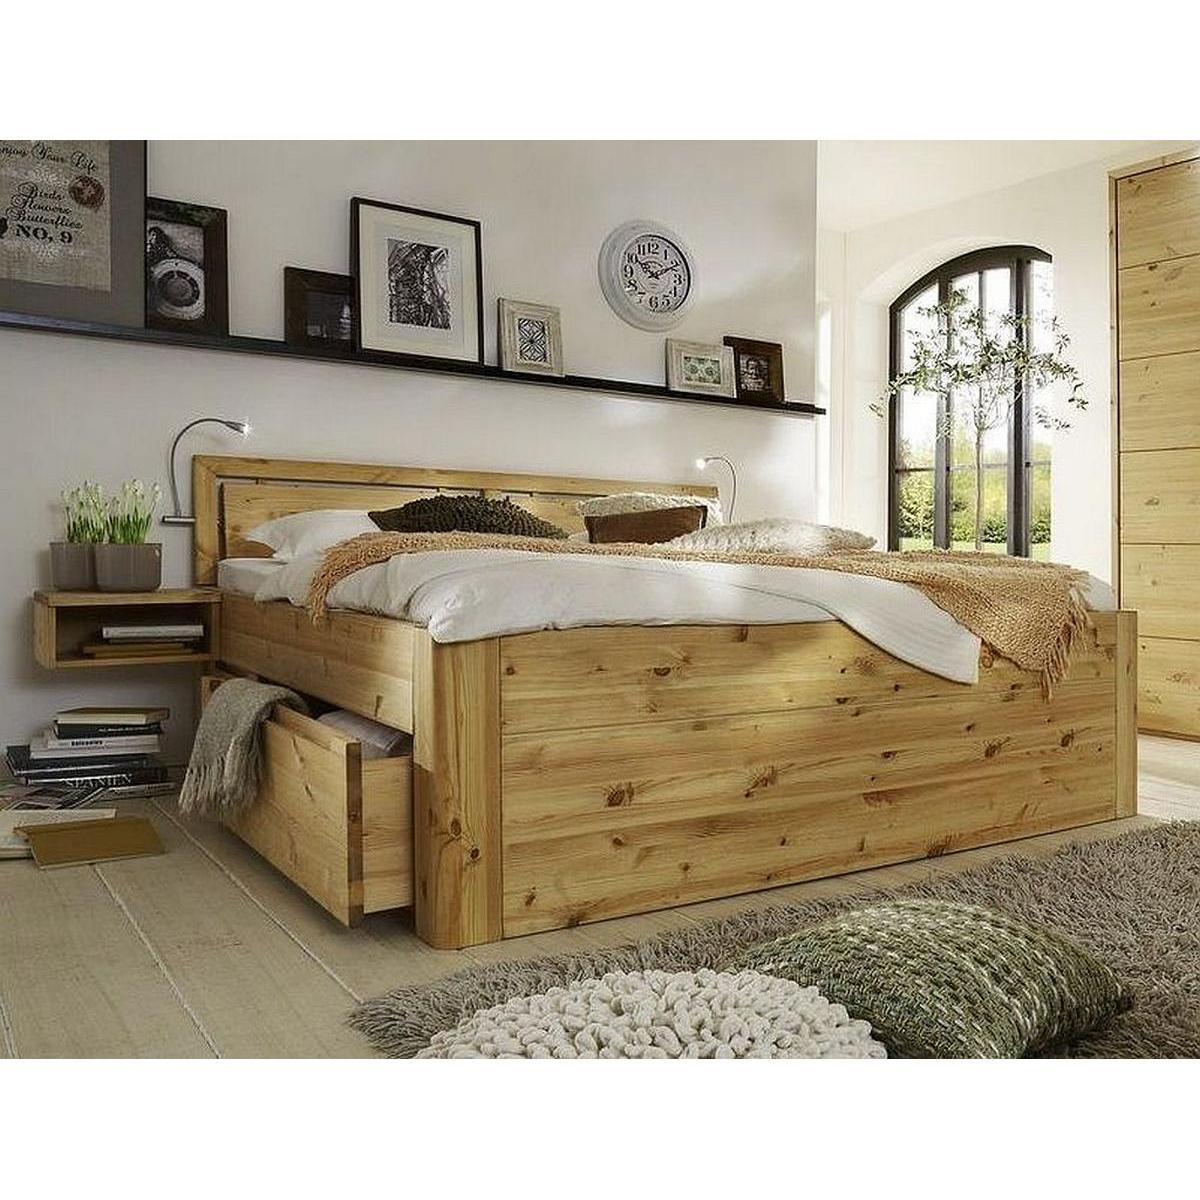 massivholz schubkastenbett luxus 140x200 gloria astkiefer